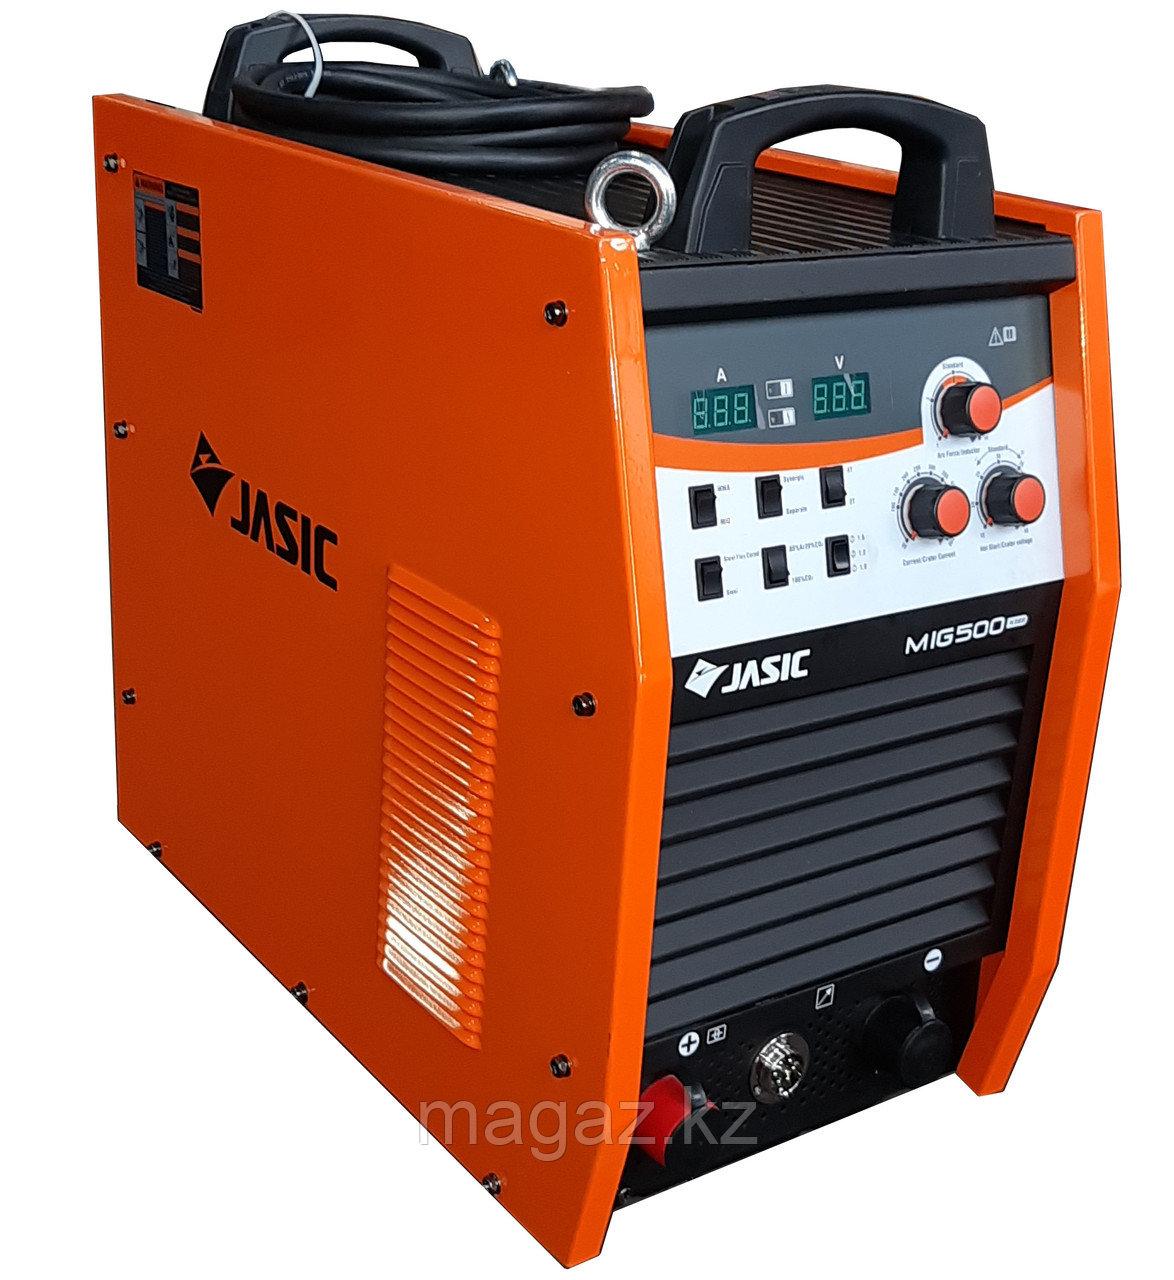 Сварочный полуавтомат MIG 500 (N388)